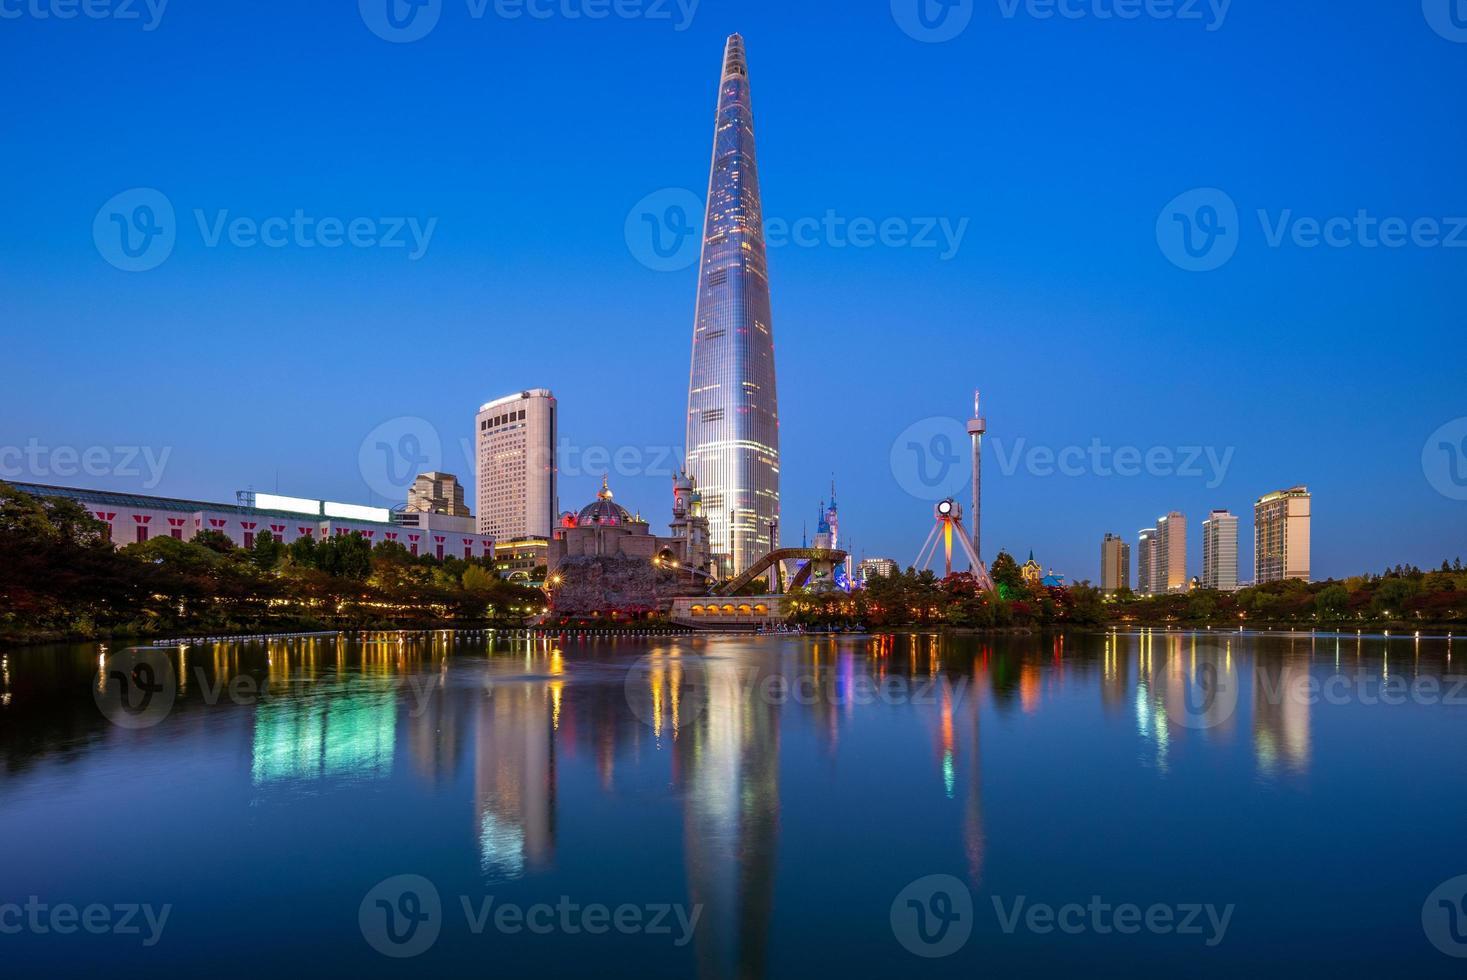 parque songpa naru y lago seokchonhosu por la noche foto